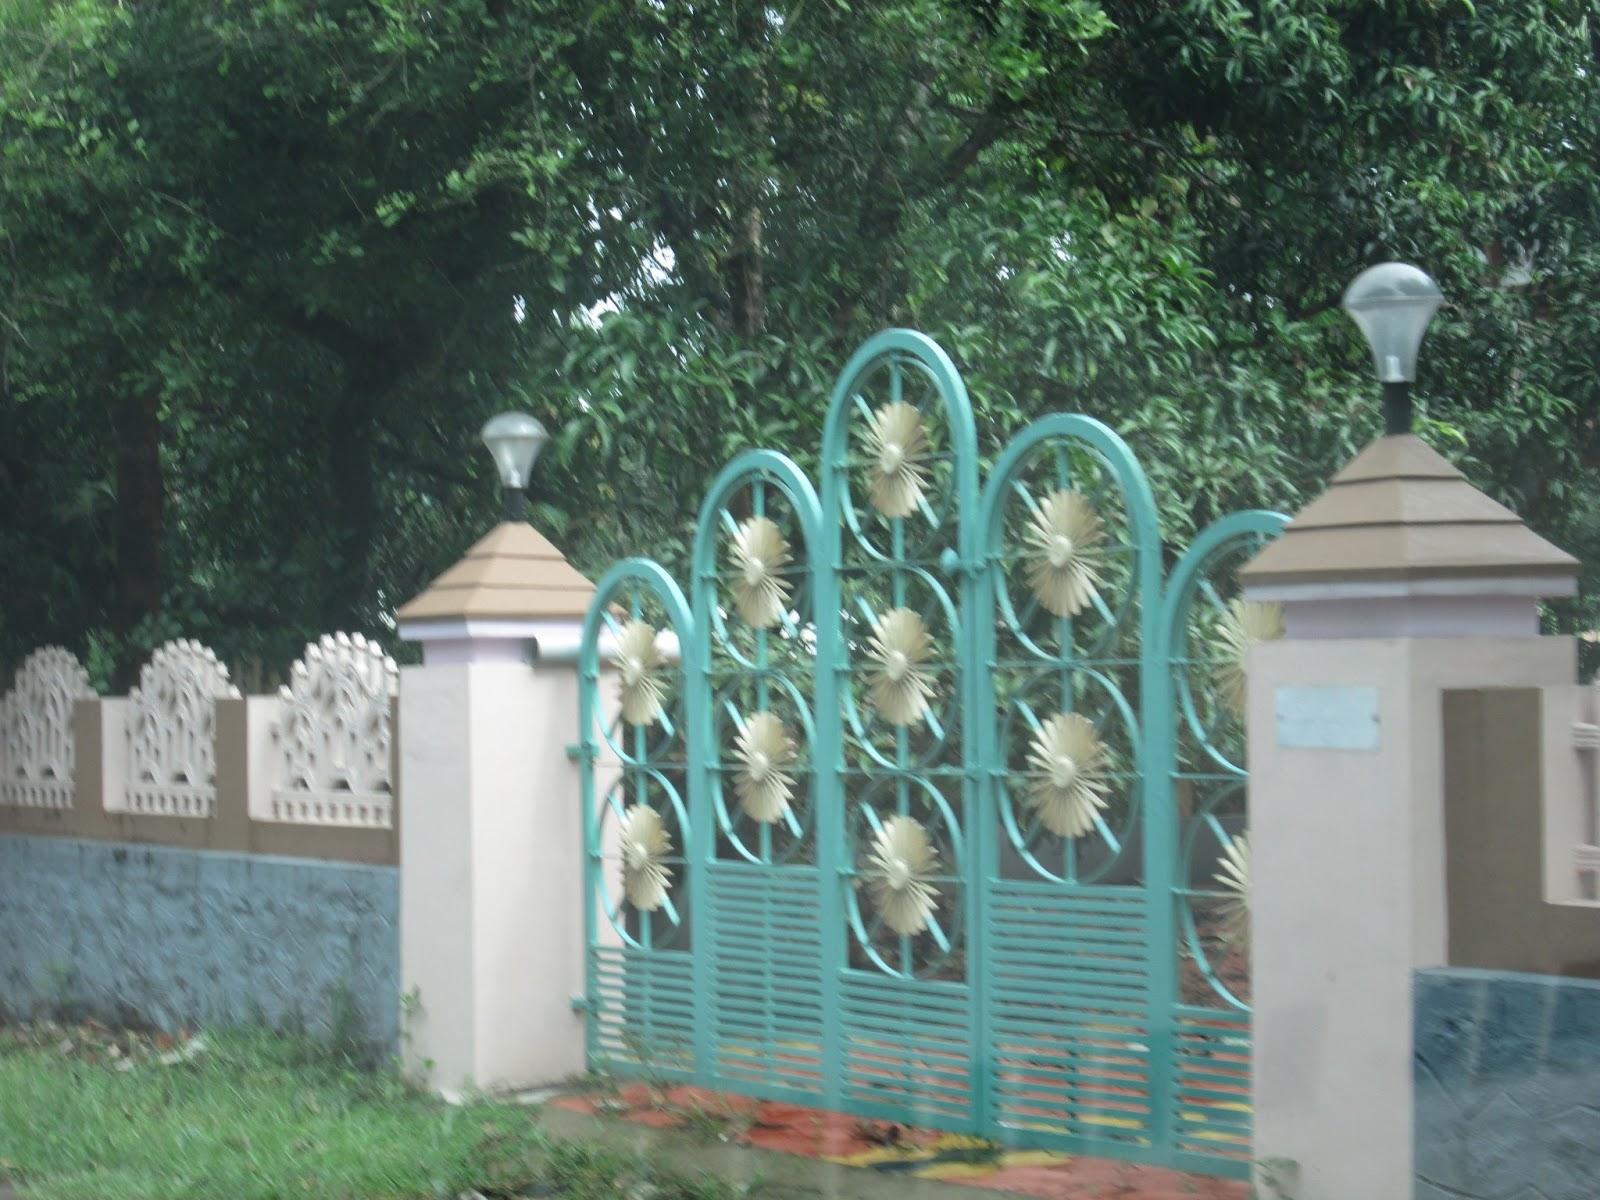 Home Design Gate Ideas: Kerala Gate Designs: Blue Color Gate In Kerala